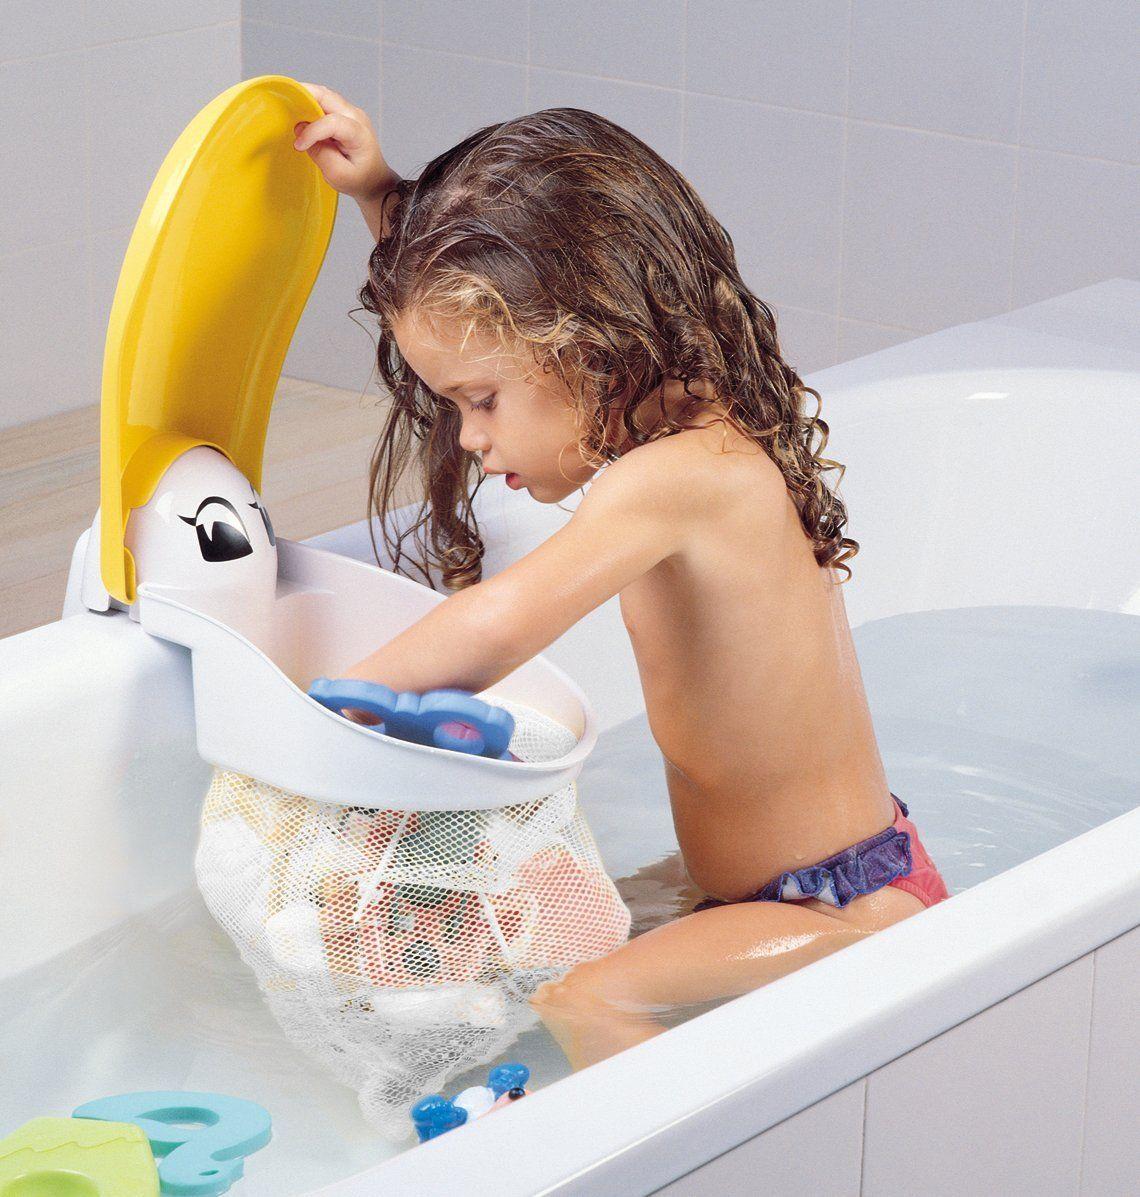 Kidskit 60005 Pelikan Badespielzeugsammler Amazon De Baby Mit Bildern Baby Badespielzeug Baby Design Badewannenspielzeug